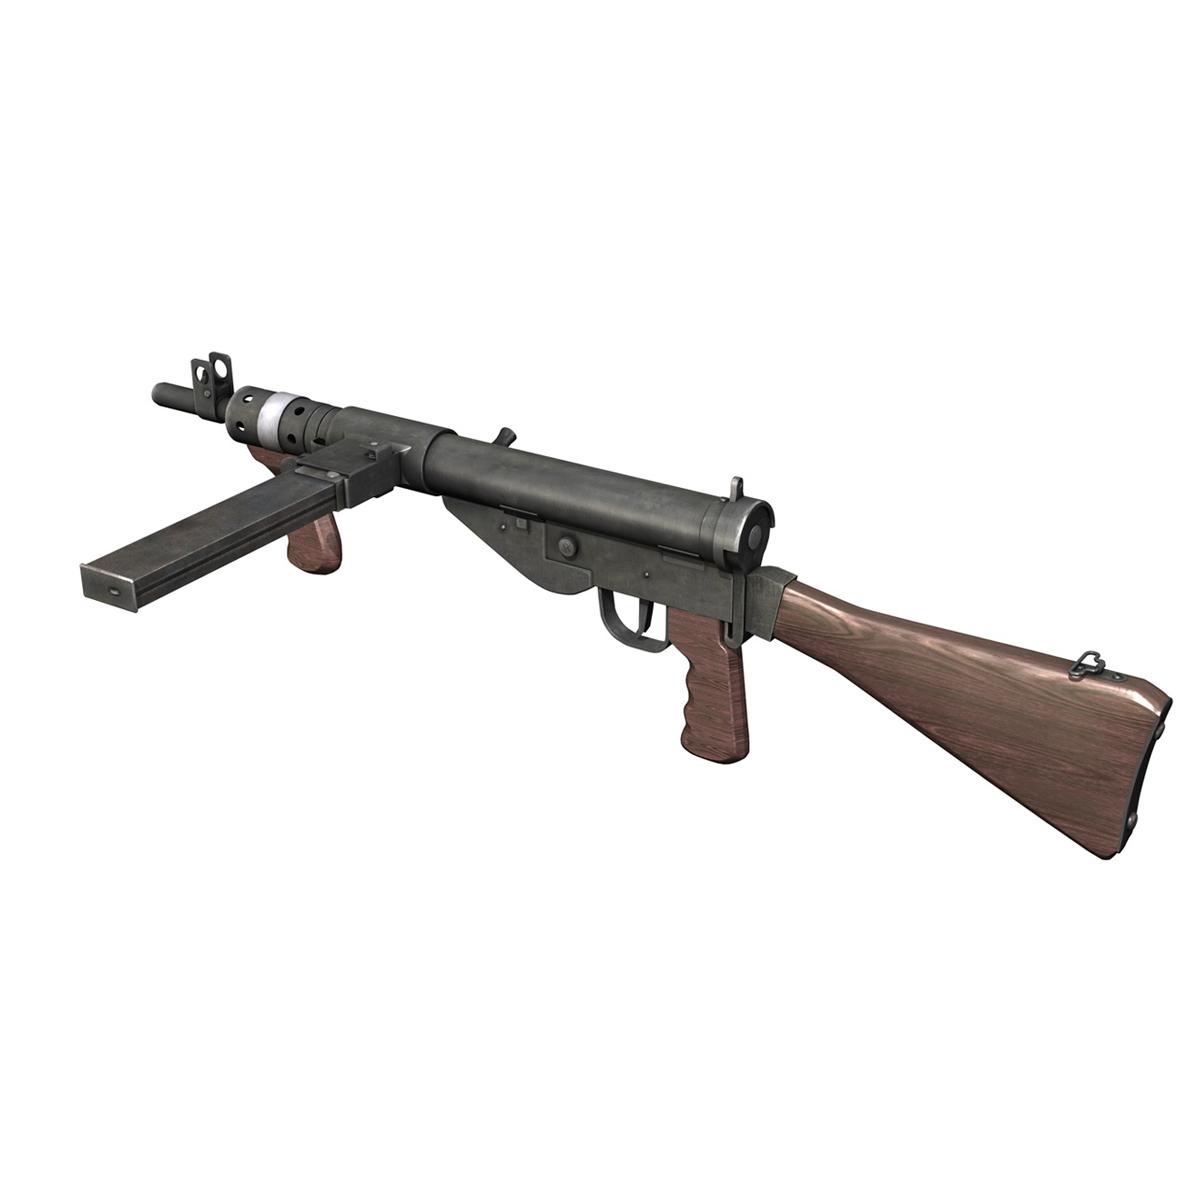 sten mk.v submachine gun 3d model 3ds fbx c4d lwo obj 195127